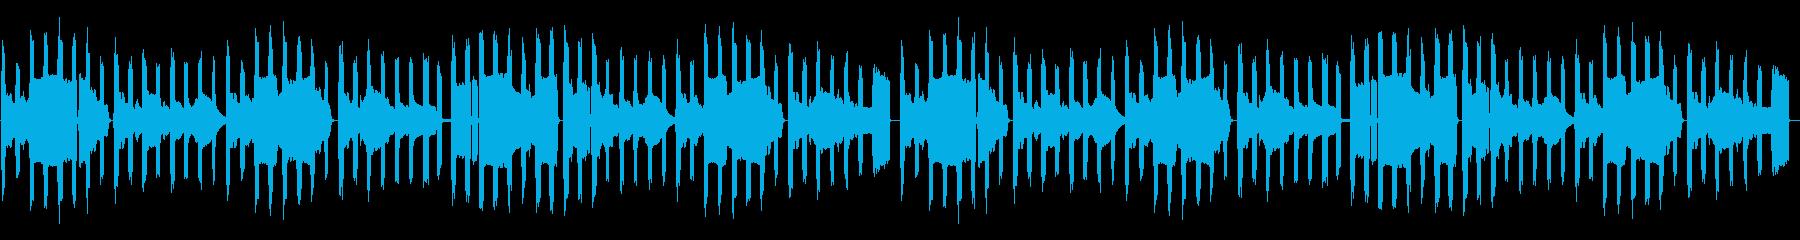 旅愁(日本の歌百選のほのぼのアレンジ)の再生済みの波形